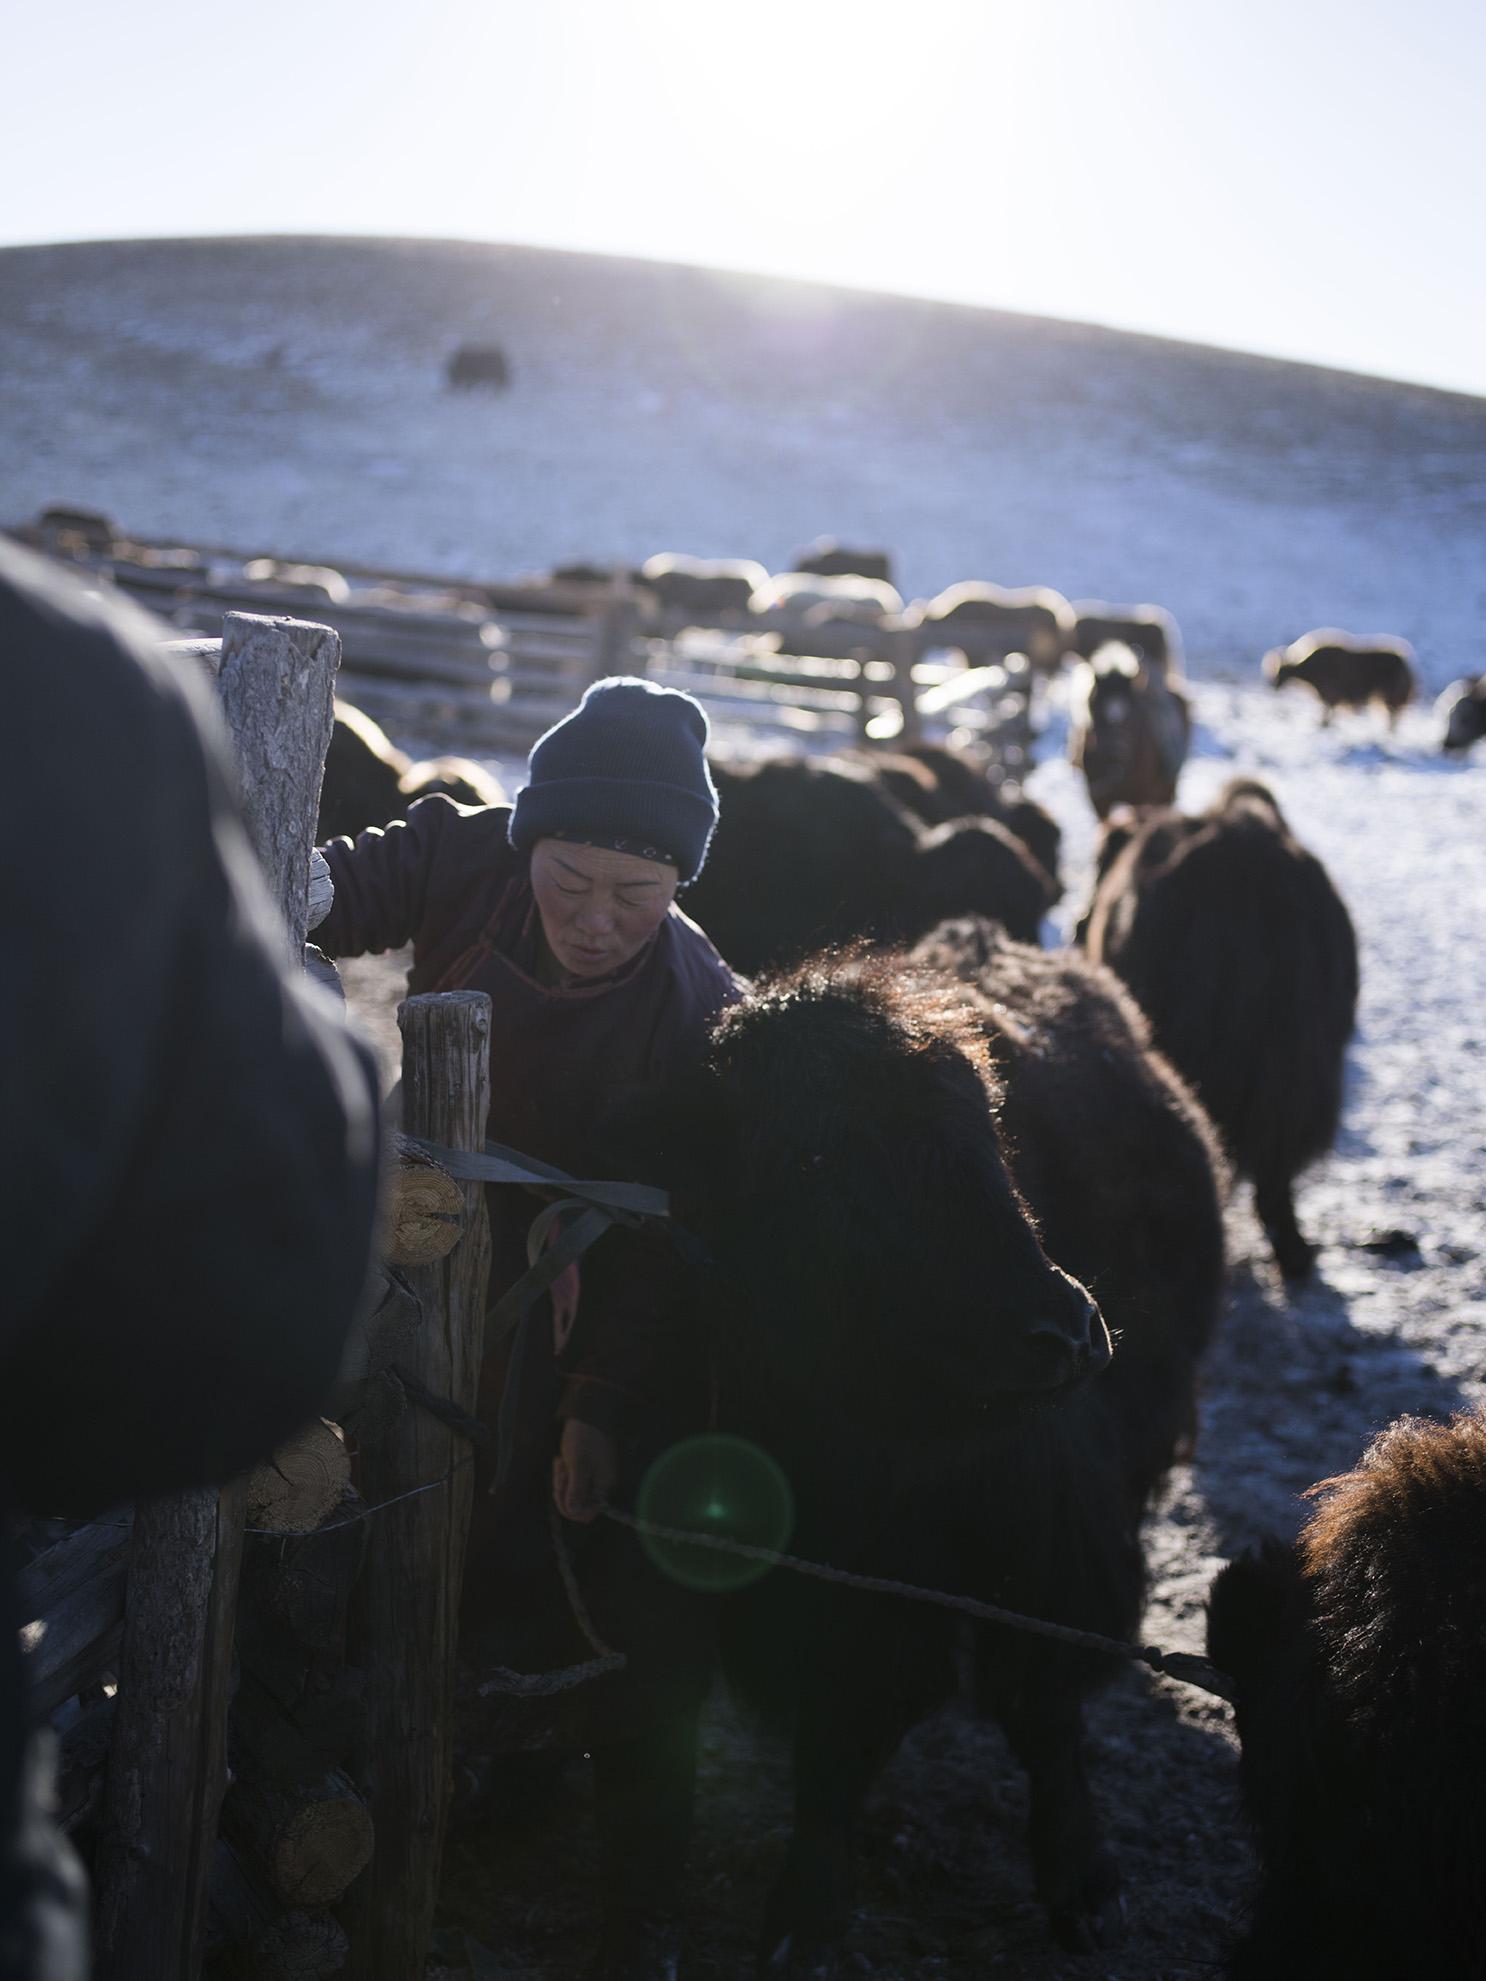 Tengri_supporting_nomadic_herders.jpg